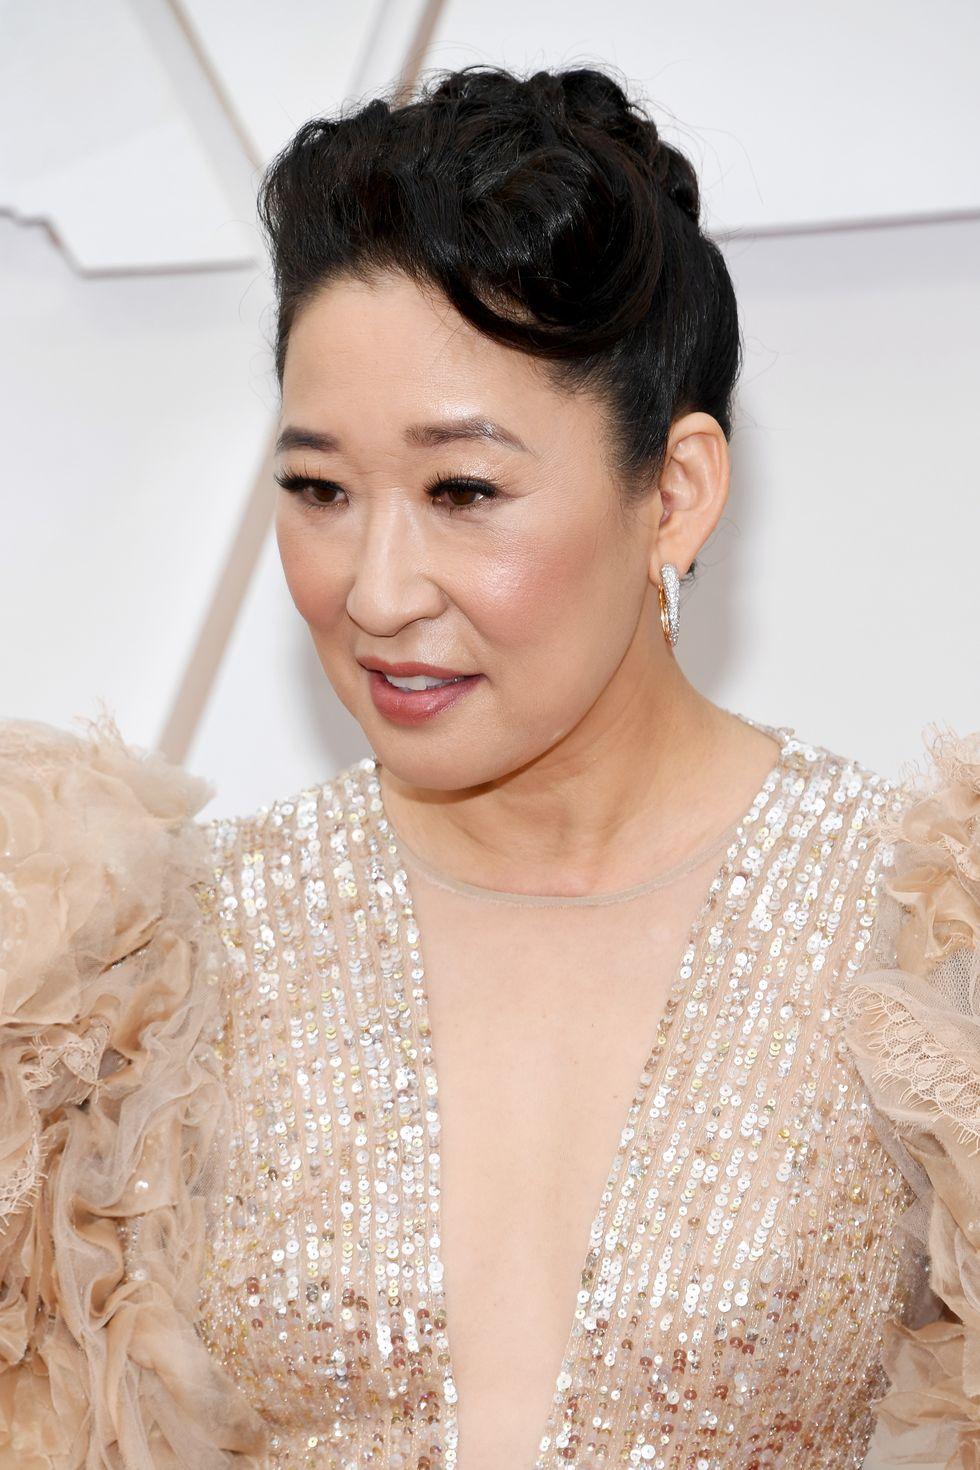 Sandra Oh sang trọng và đẳng cấp với sự giúp đỡ của chuyên gia làm tóc Peter Butler. Phần mái uốn xoăn bồng bềnh phù hợp với bộ cánh cổ điển của nữ diễn viên.